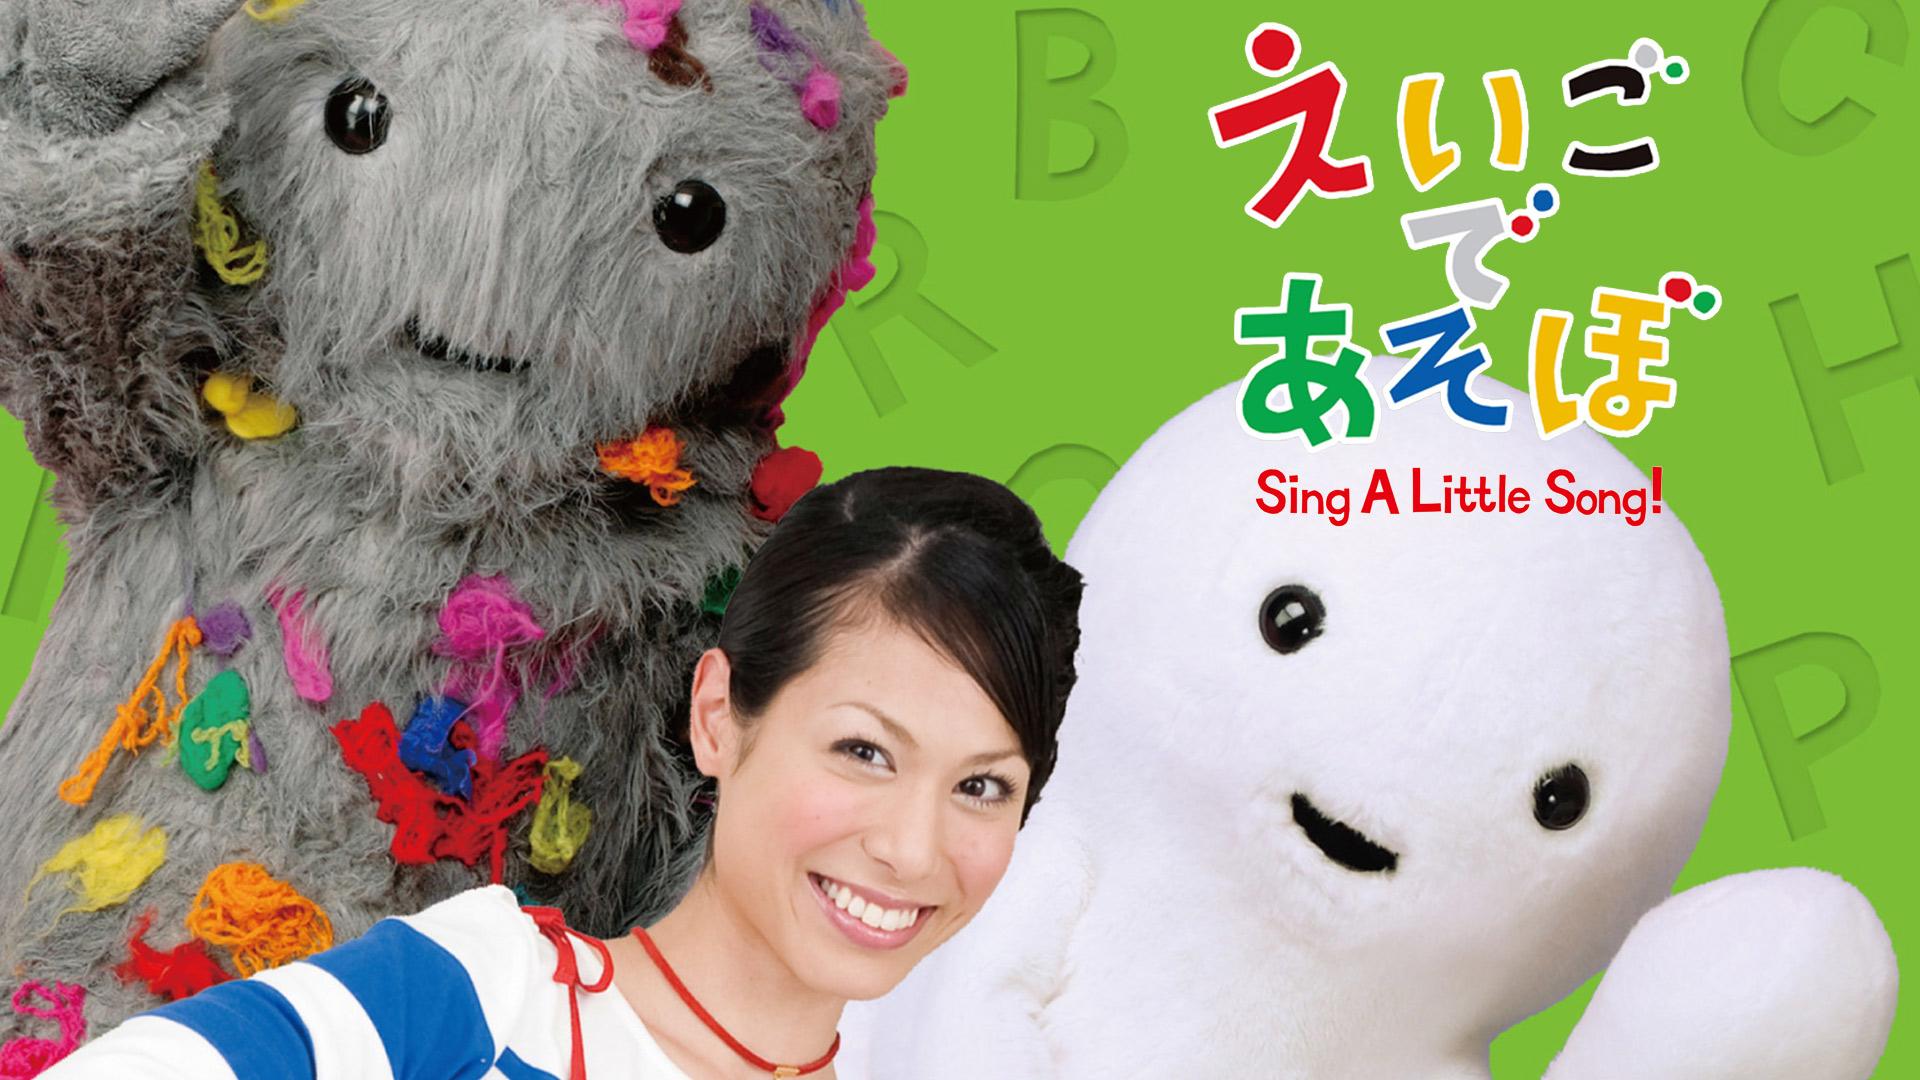 えいごであそぼ Sing A Little Song!